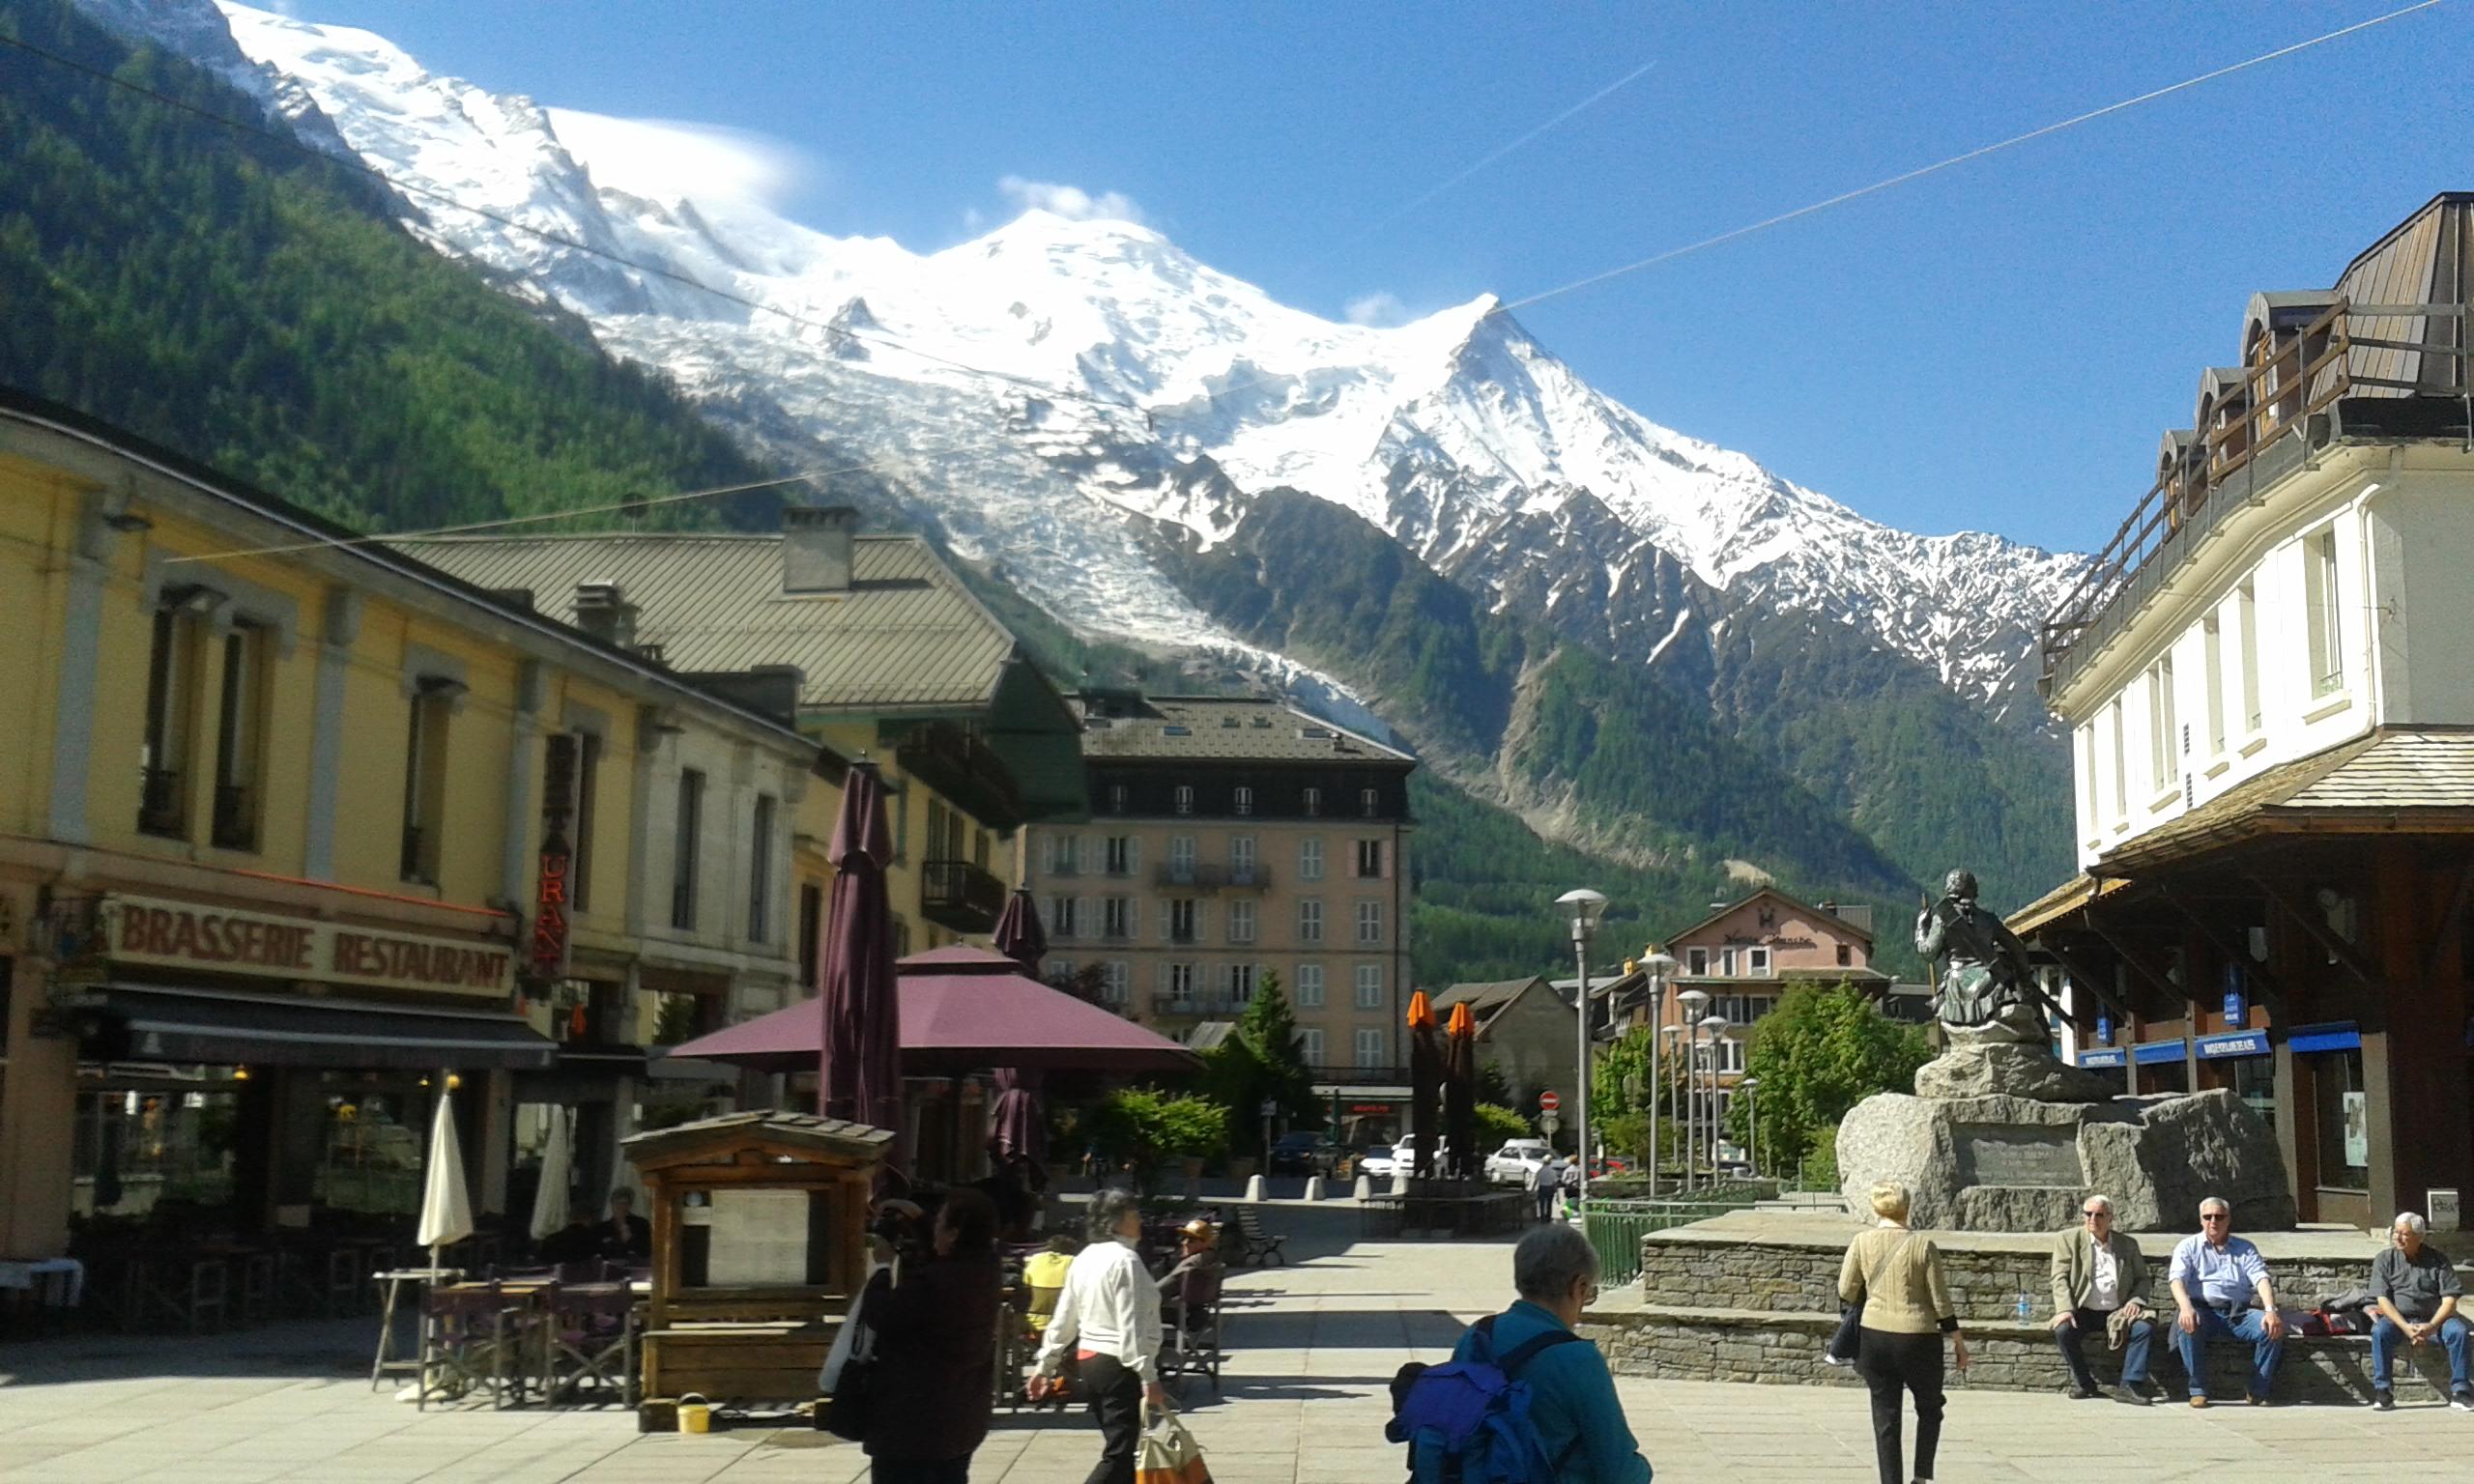 Visiter chamonix autour des mondes - Chamonix mont blanc office du tourisme ...